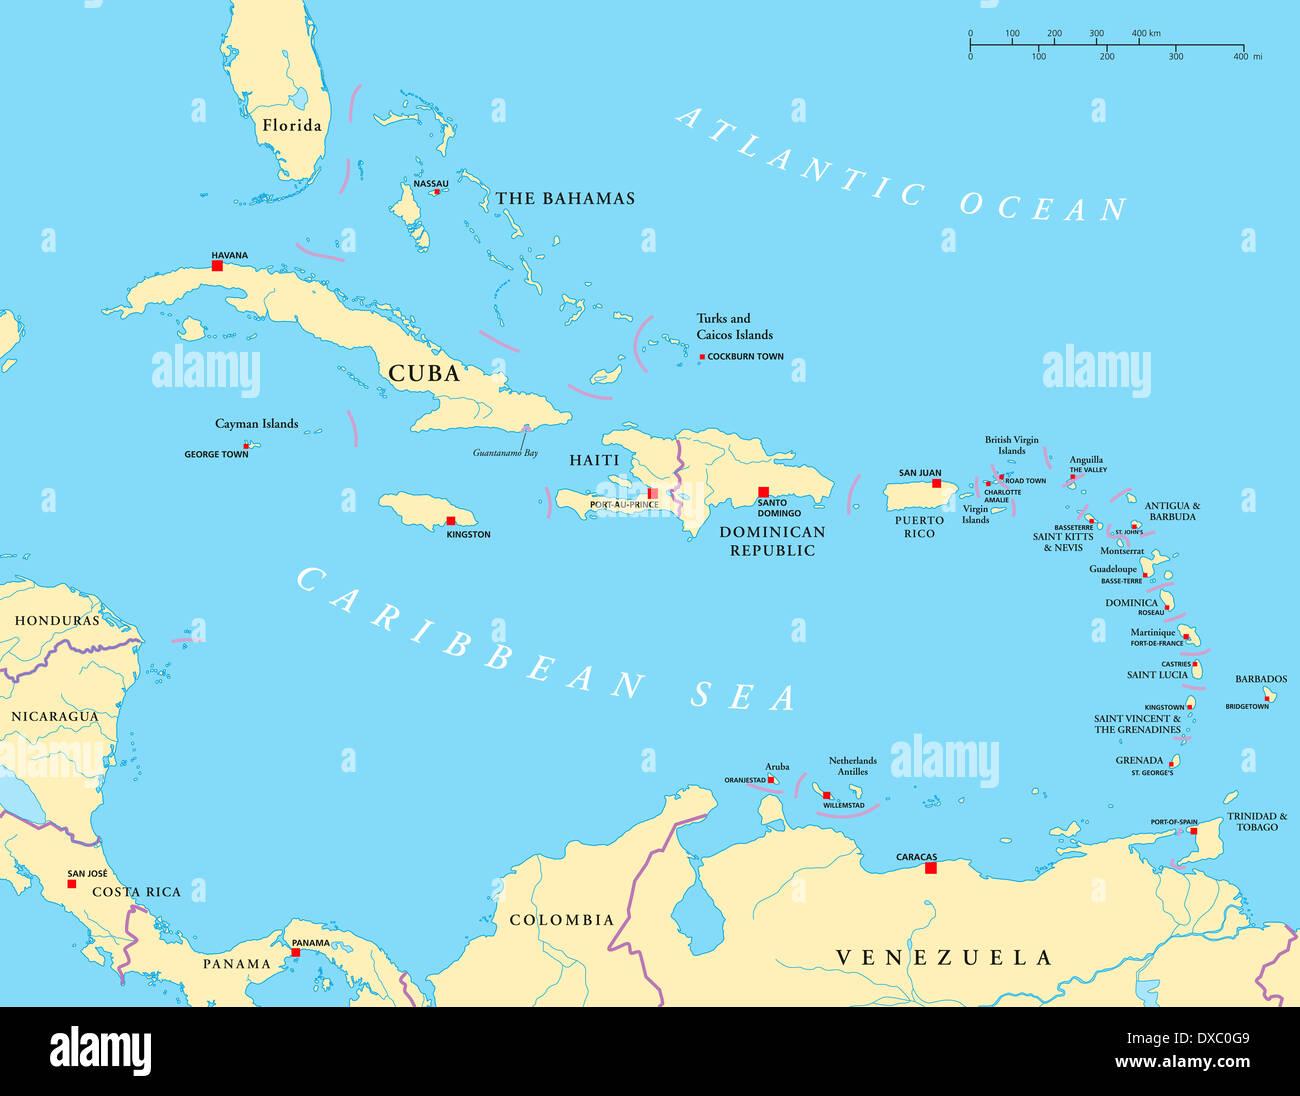 Kleine Antillen Karte.Politische Karte Der Karibik Grosse Und Kleine Antillen